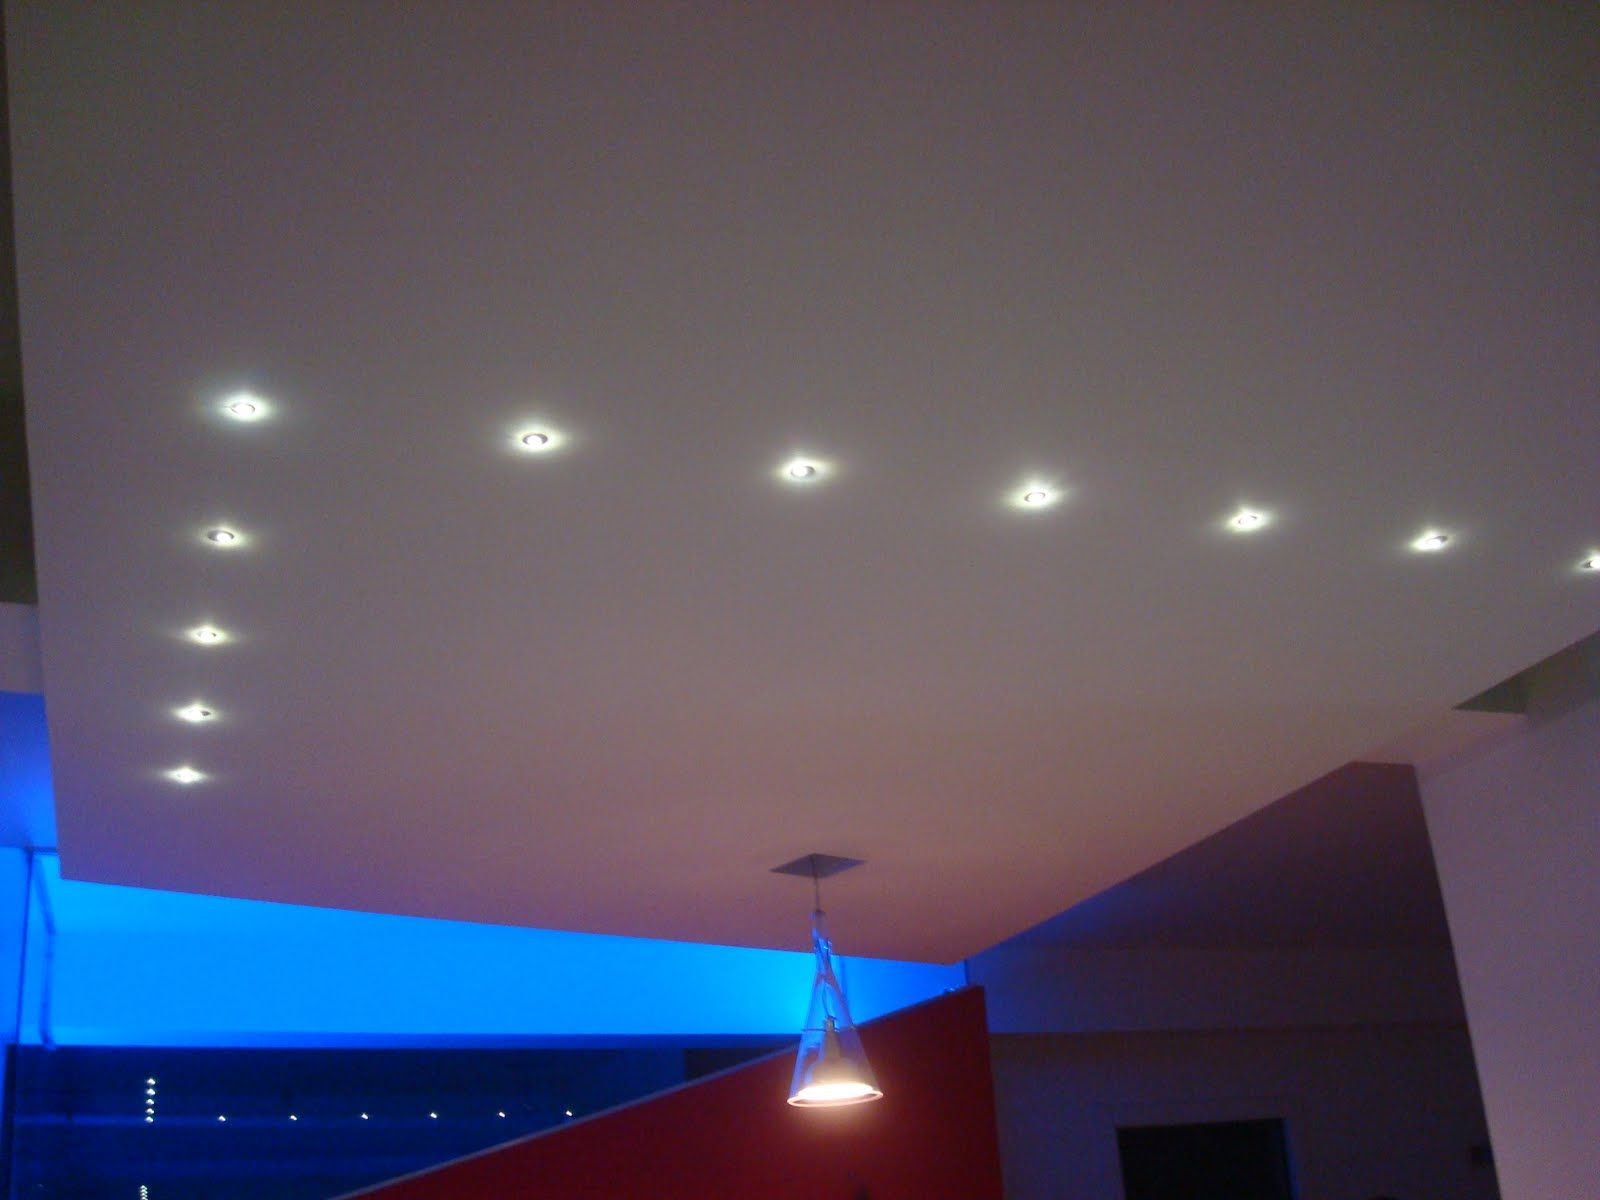 Faretti Led Da Incasso Soffitto : Un soffitto illuminato con faretti led a incasso bianchi